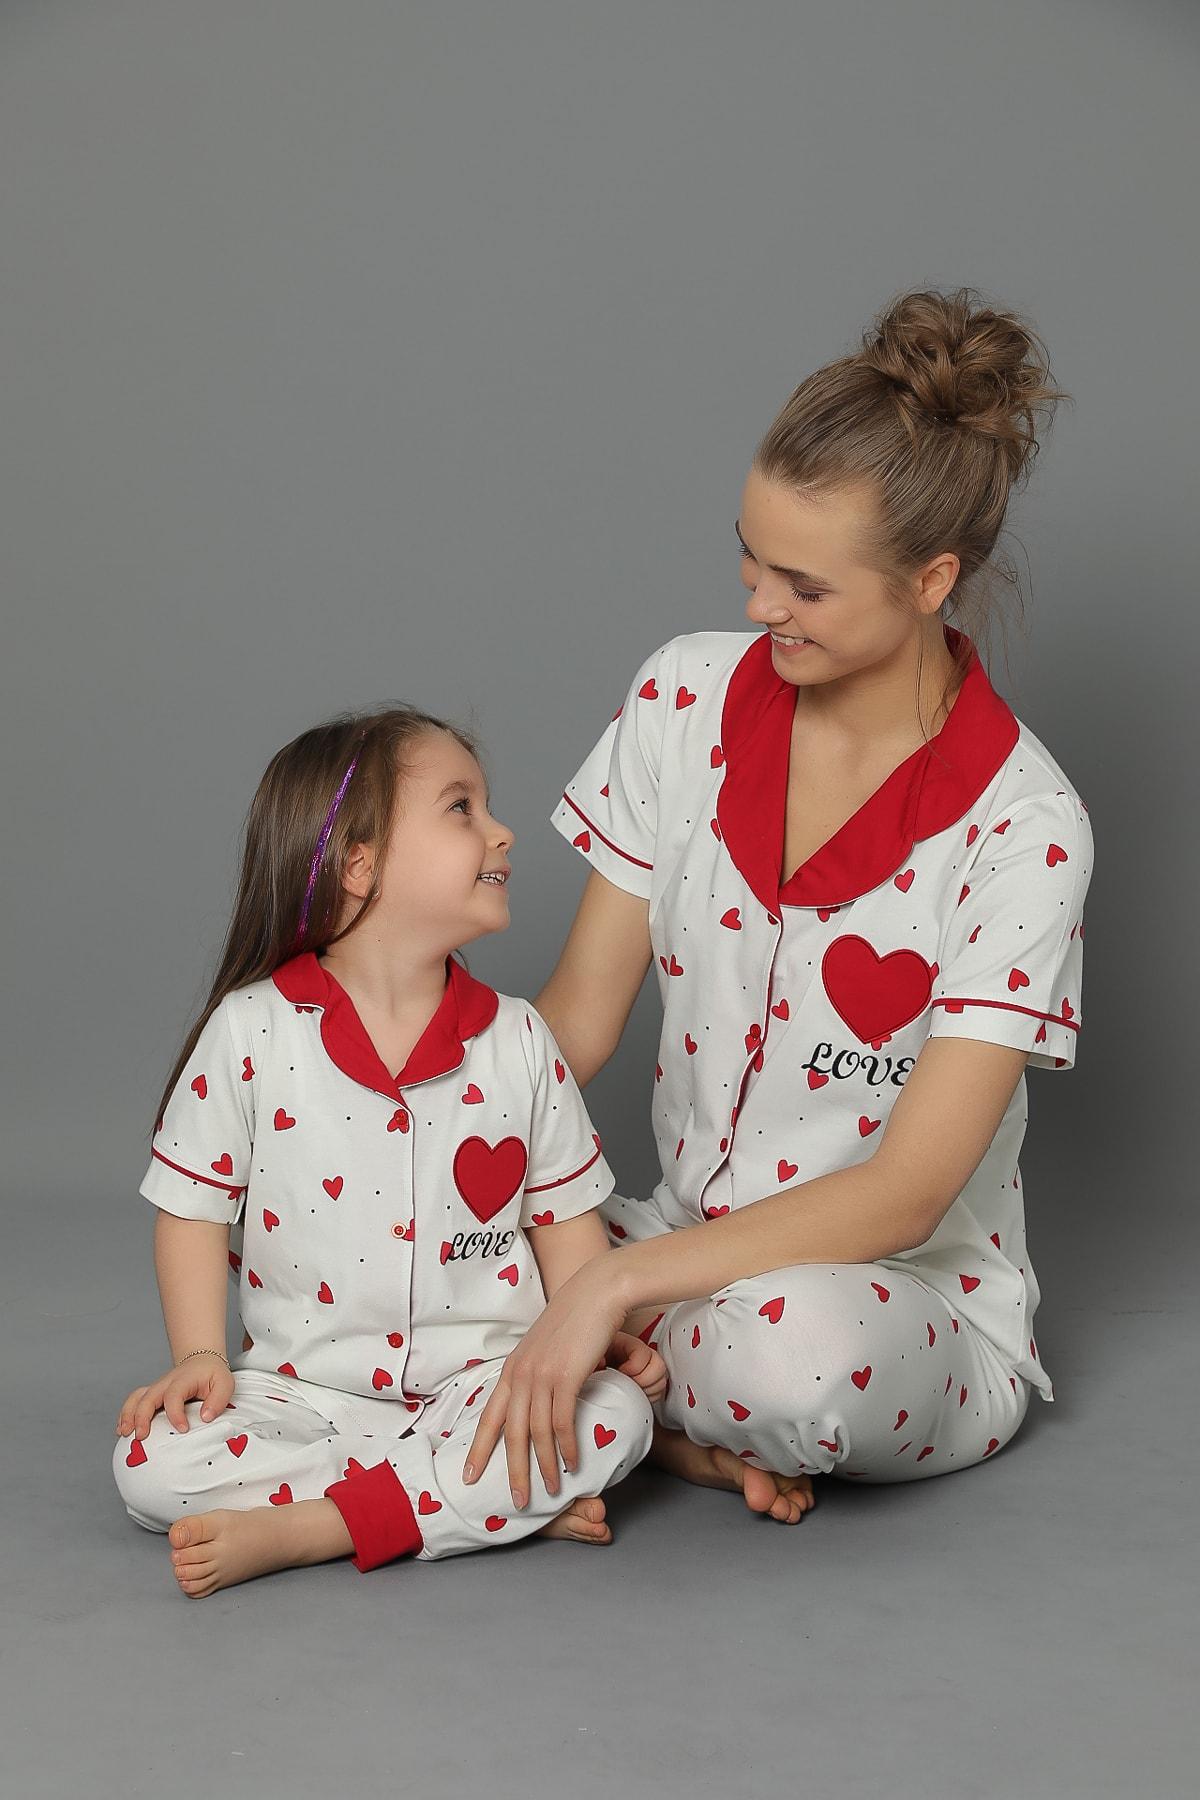 Anne Kız Kombinleri Kalp Desenli'' (TEK ÜRÜN FİYATIDIR KOMBİN İÇİN TEK TEK SEPETE EKLEYİNİZ)